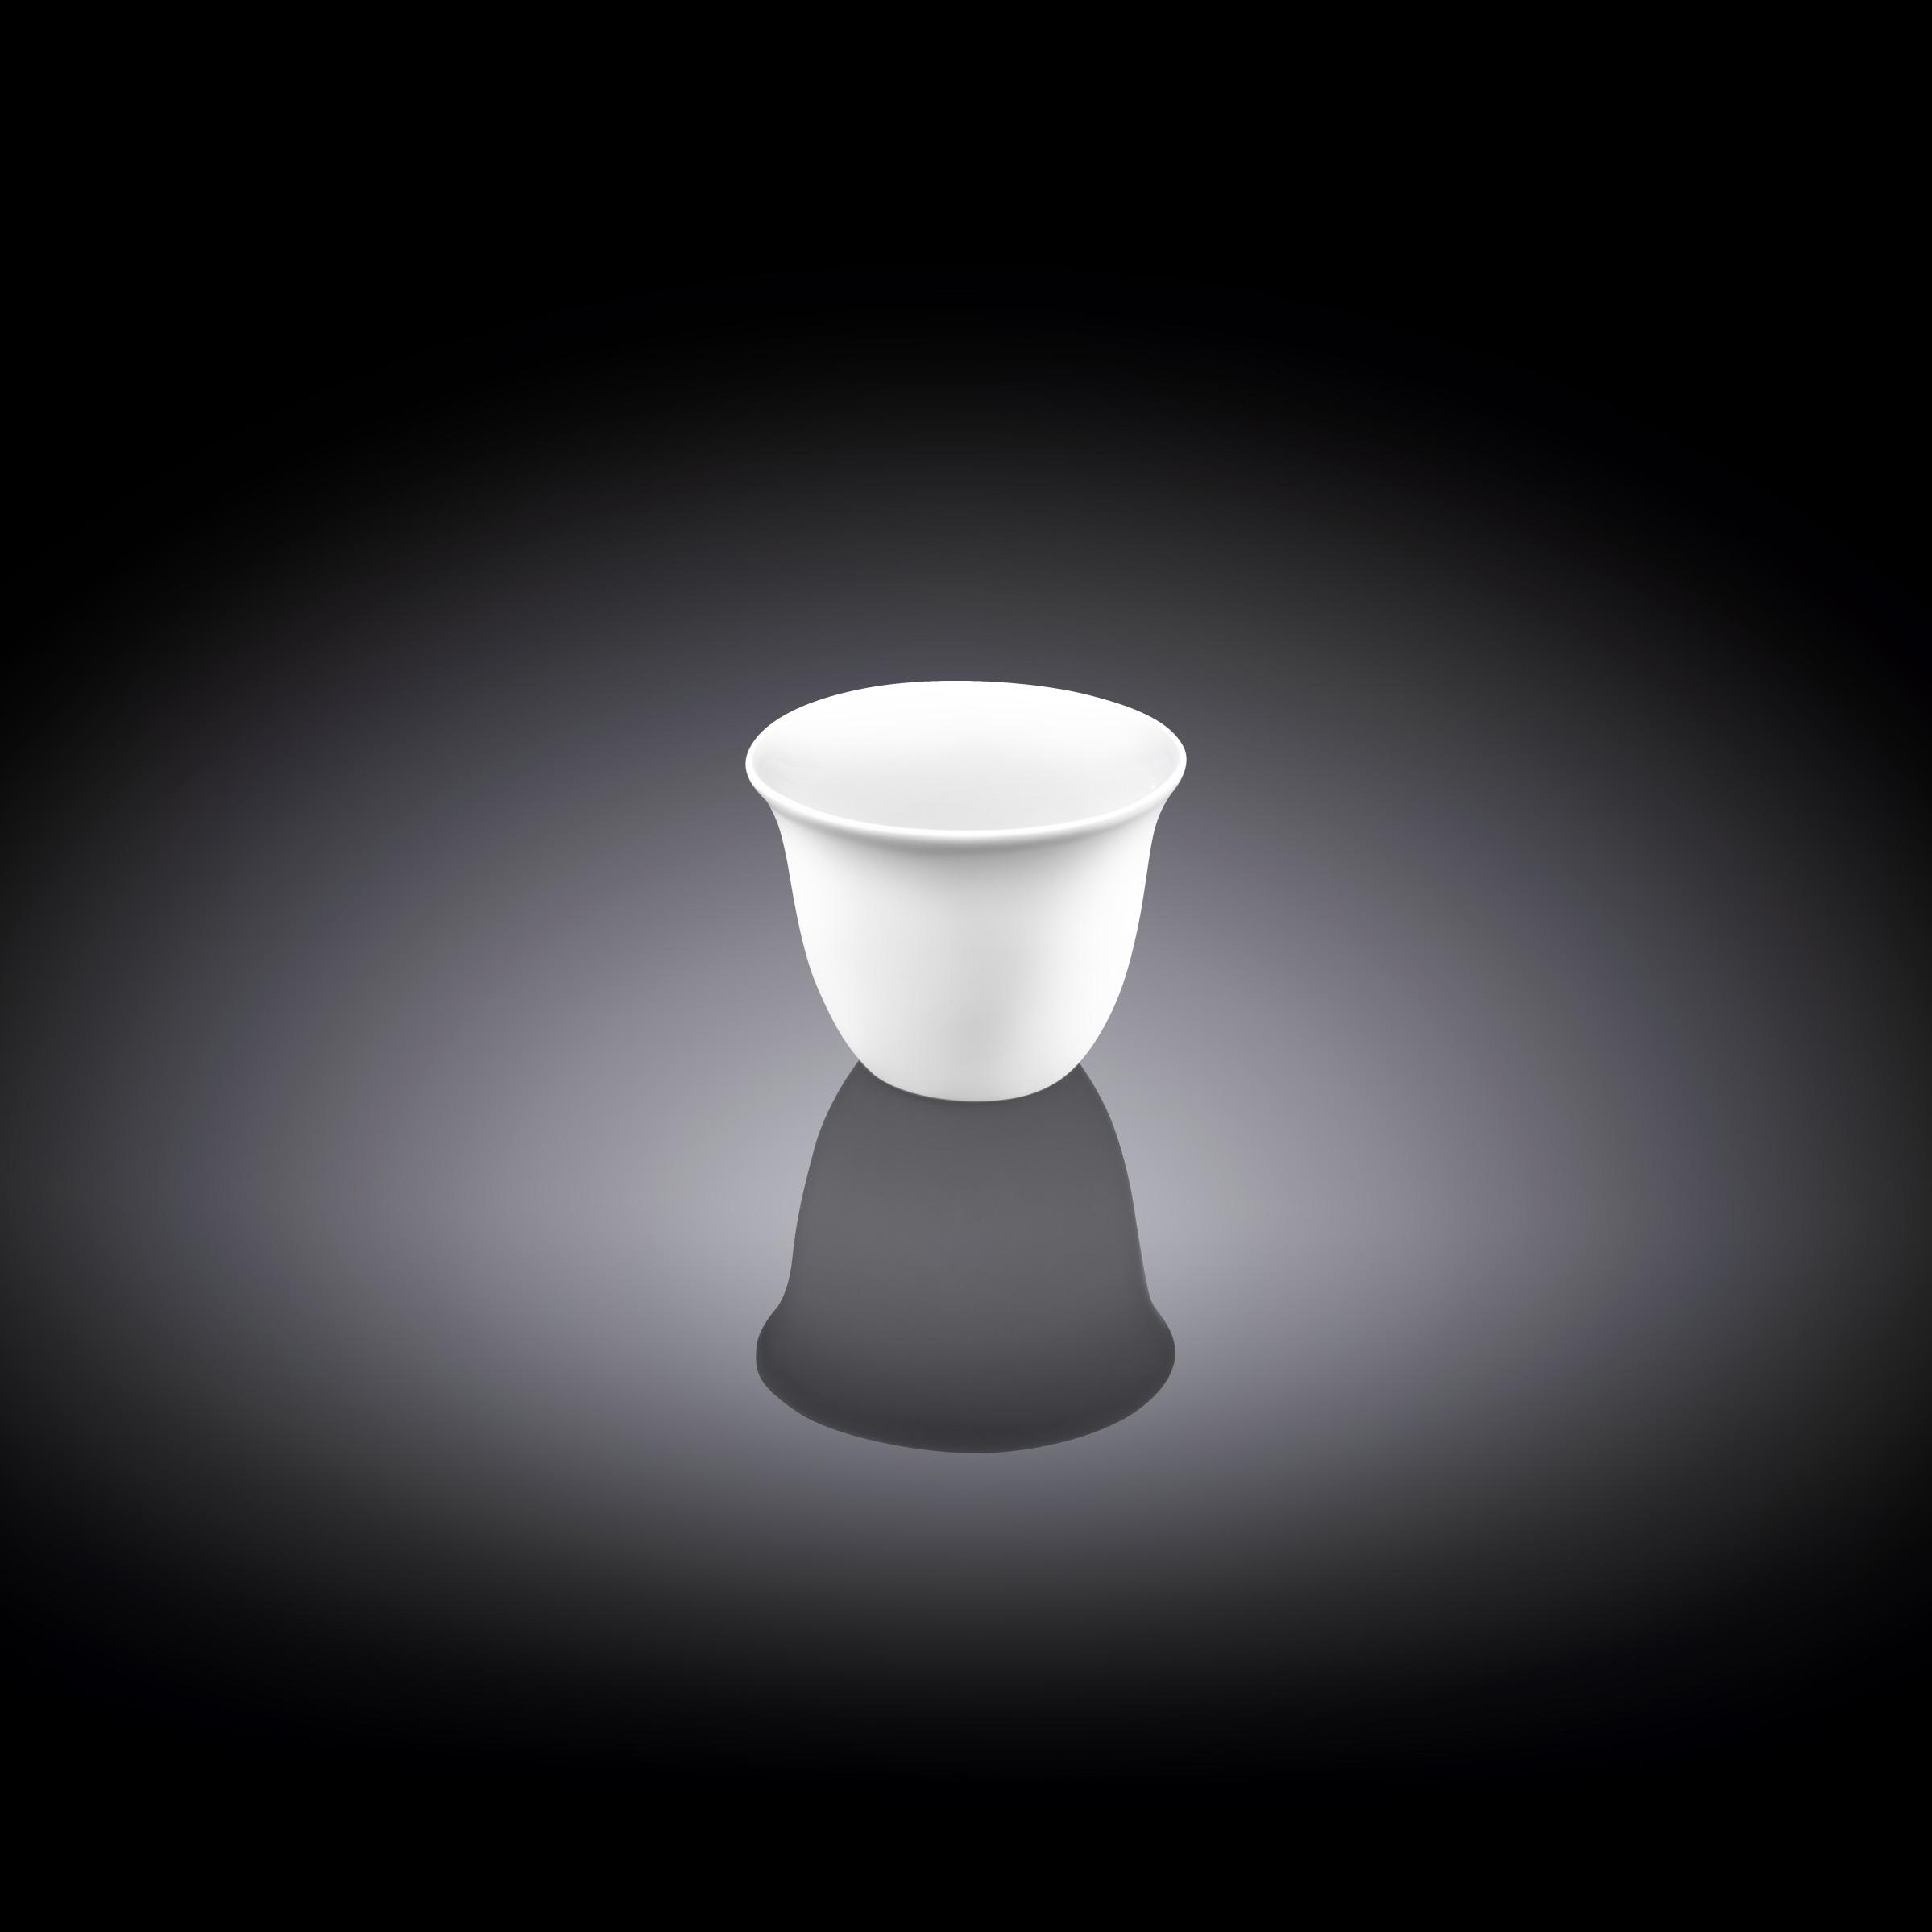 -Lora Collection- アラビックスタイルコーヒーカップ6Pセット 32263 (WL-993062/12C)